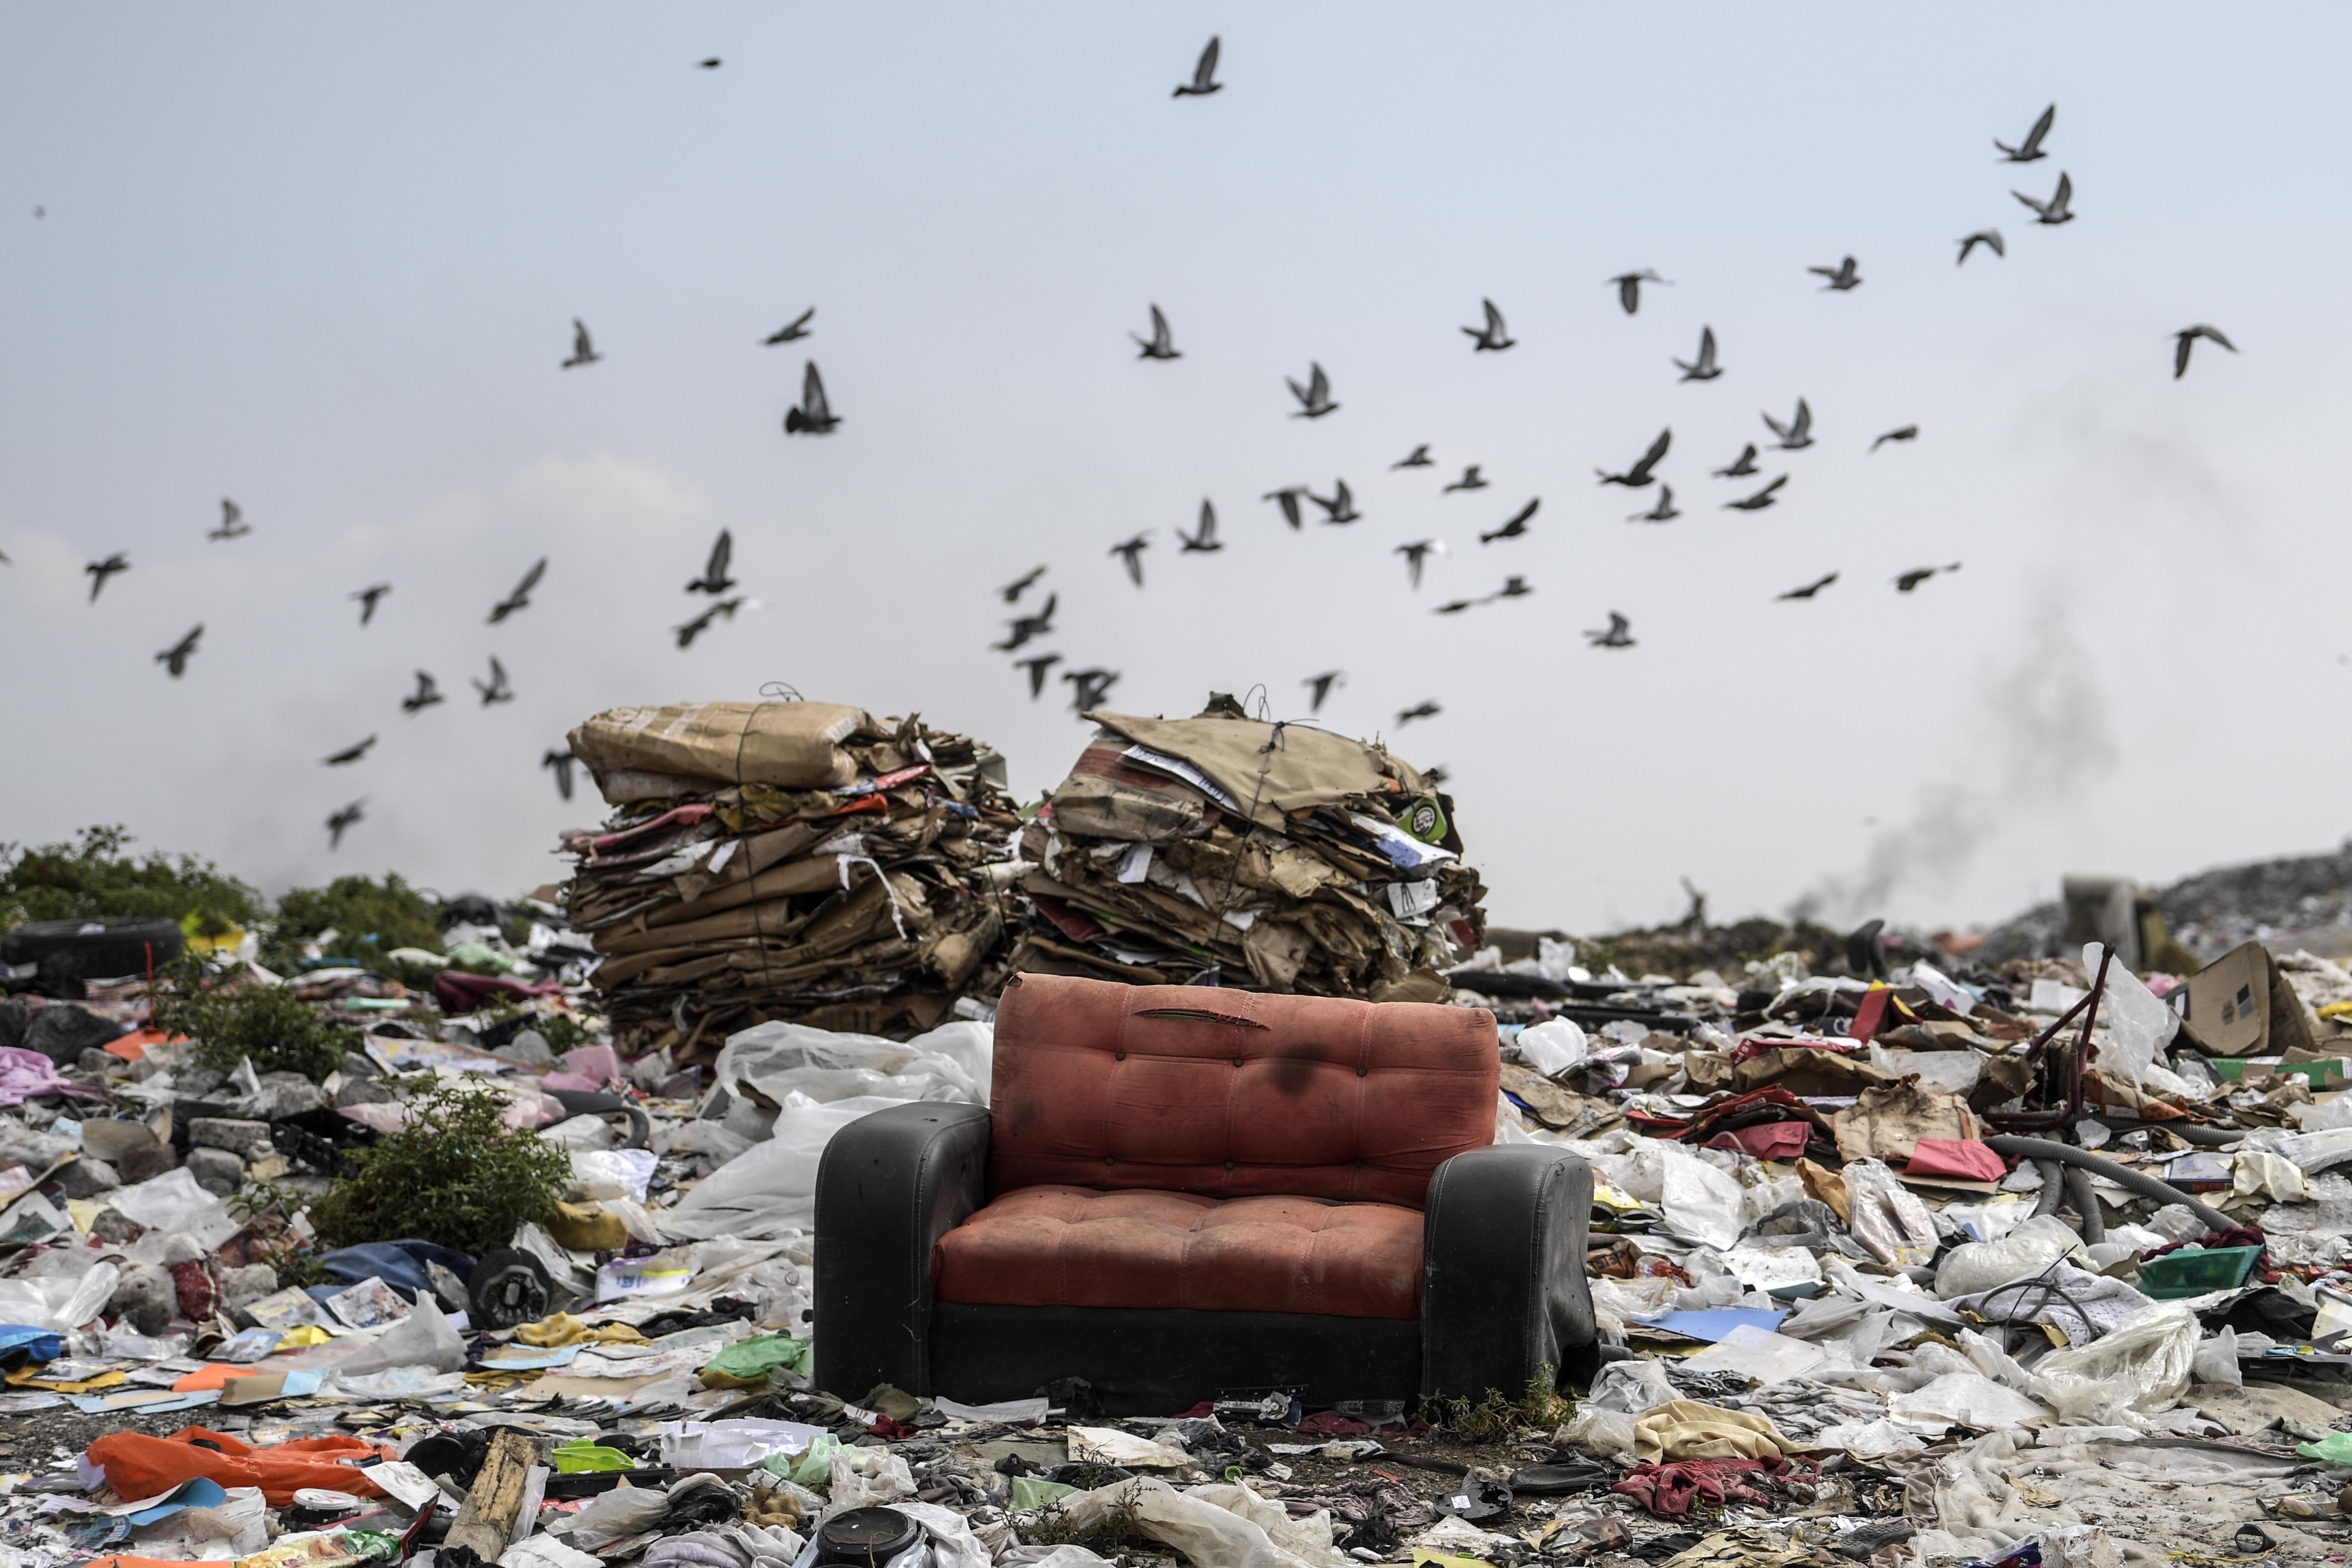 Vista de un sofá en el basurero